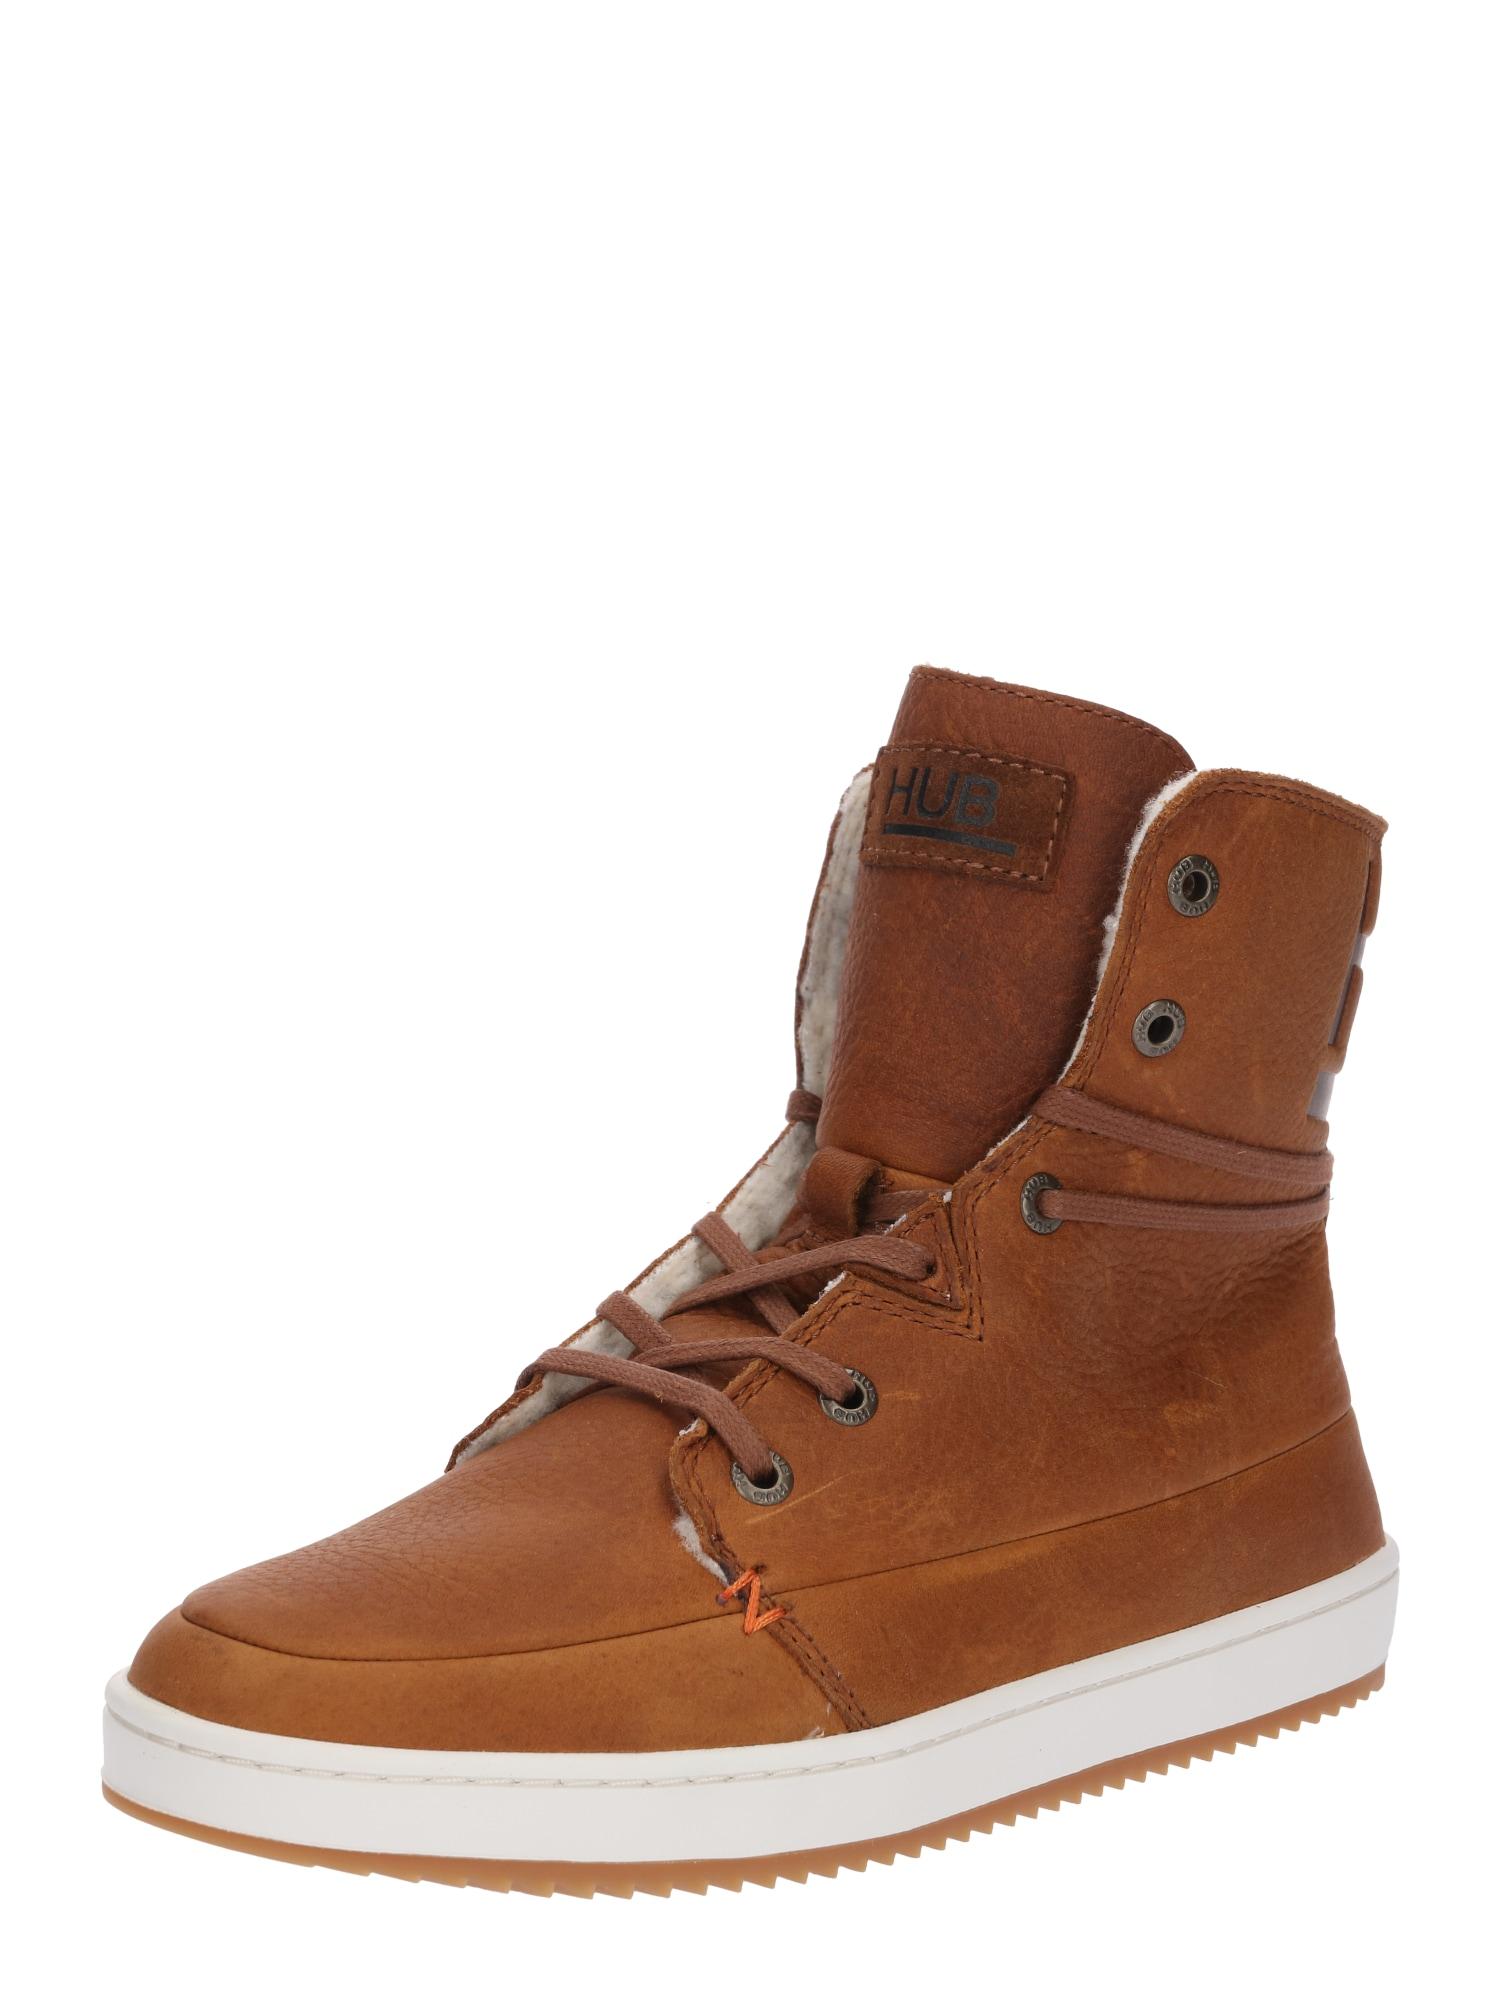 HUB Auliniai batai